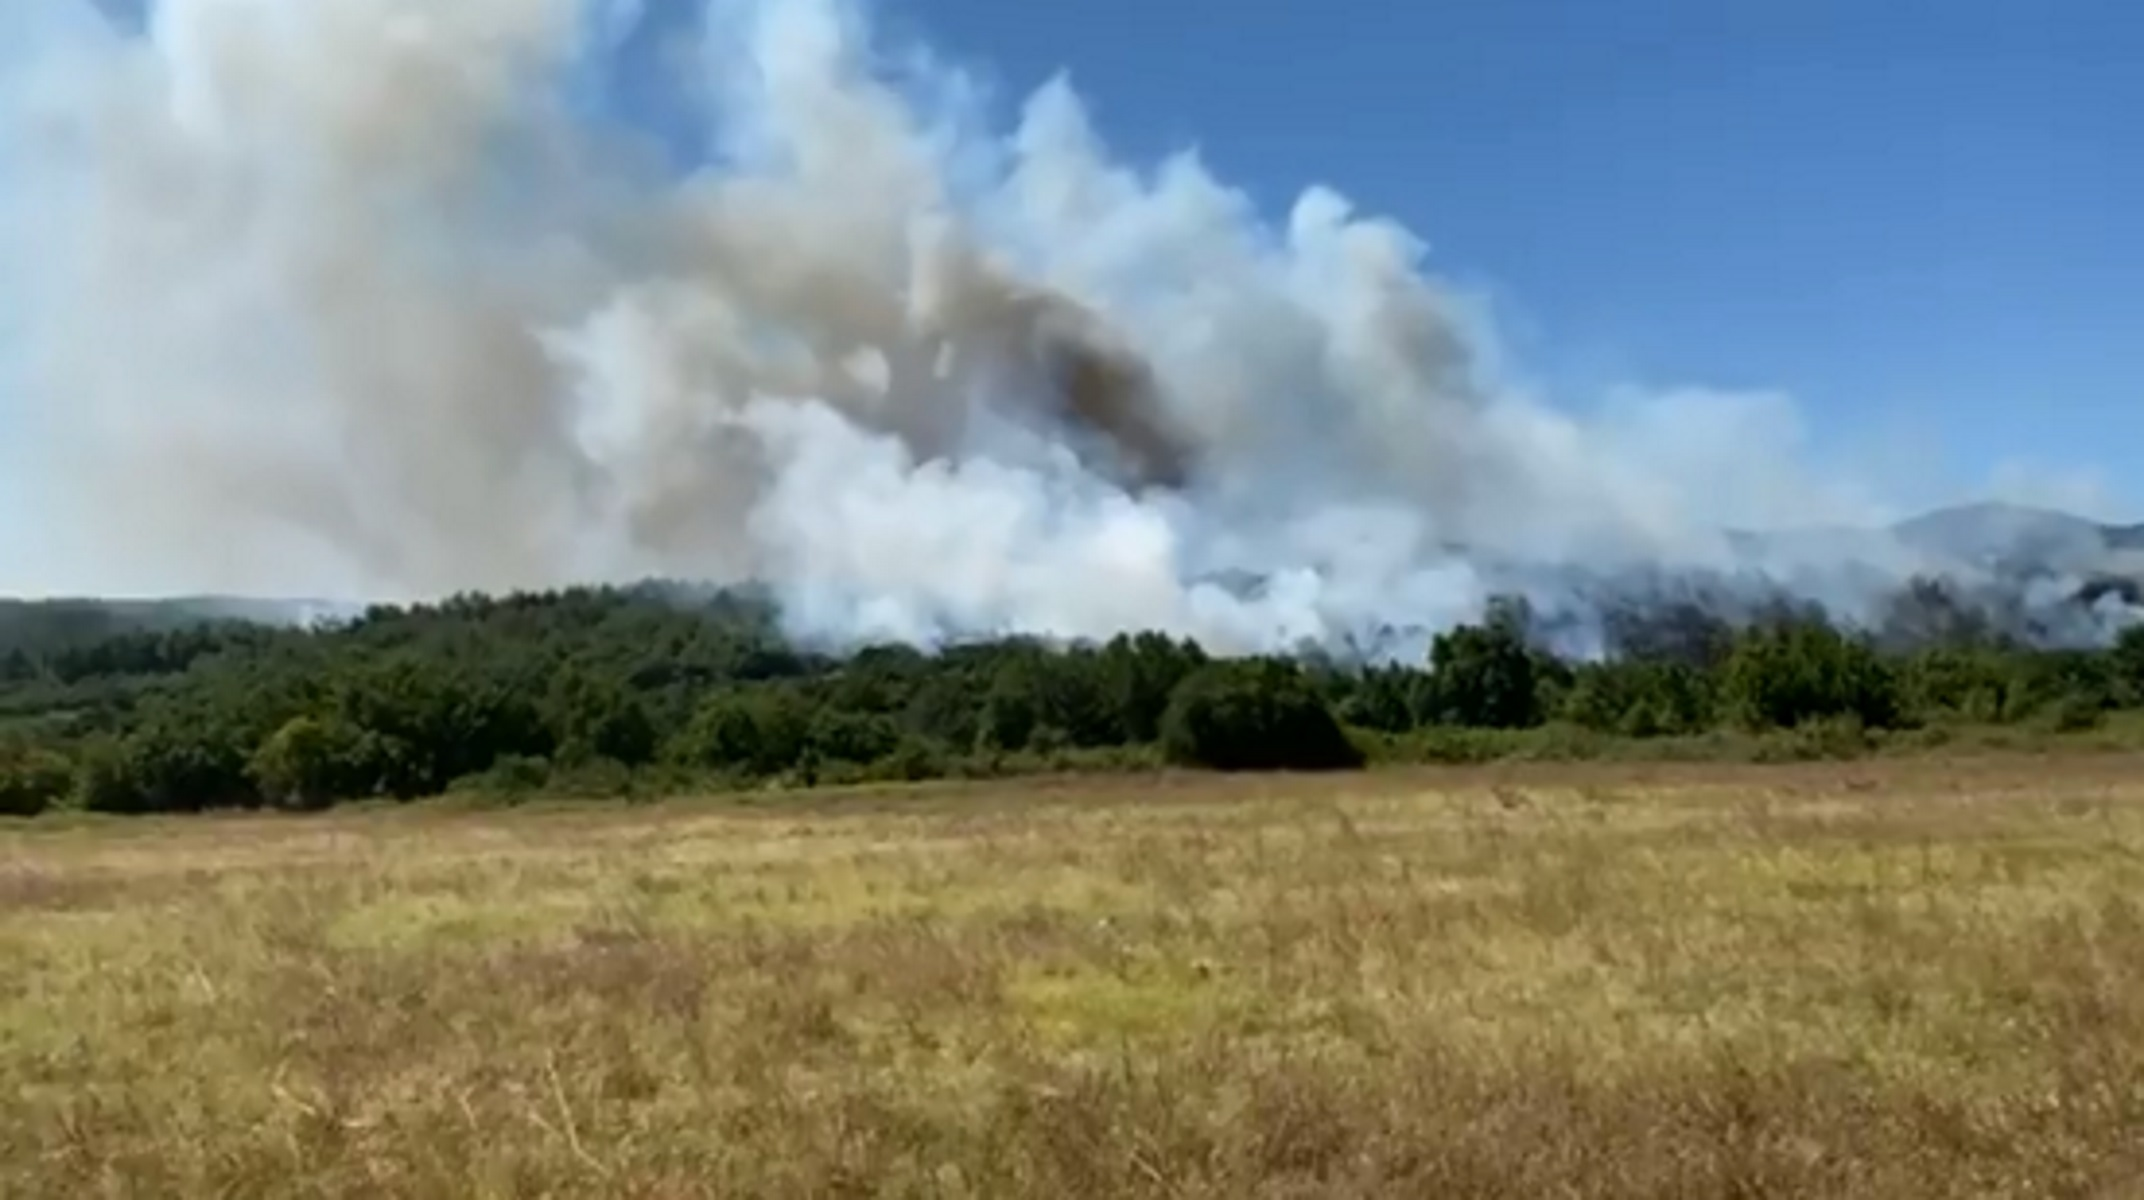 Φωτιά τώρα στην Κομοτηνή – Καίει στο δάσος της Νυμφαίας